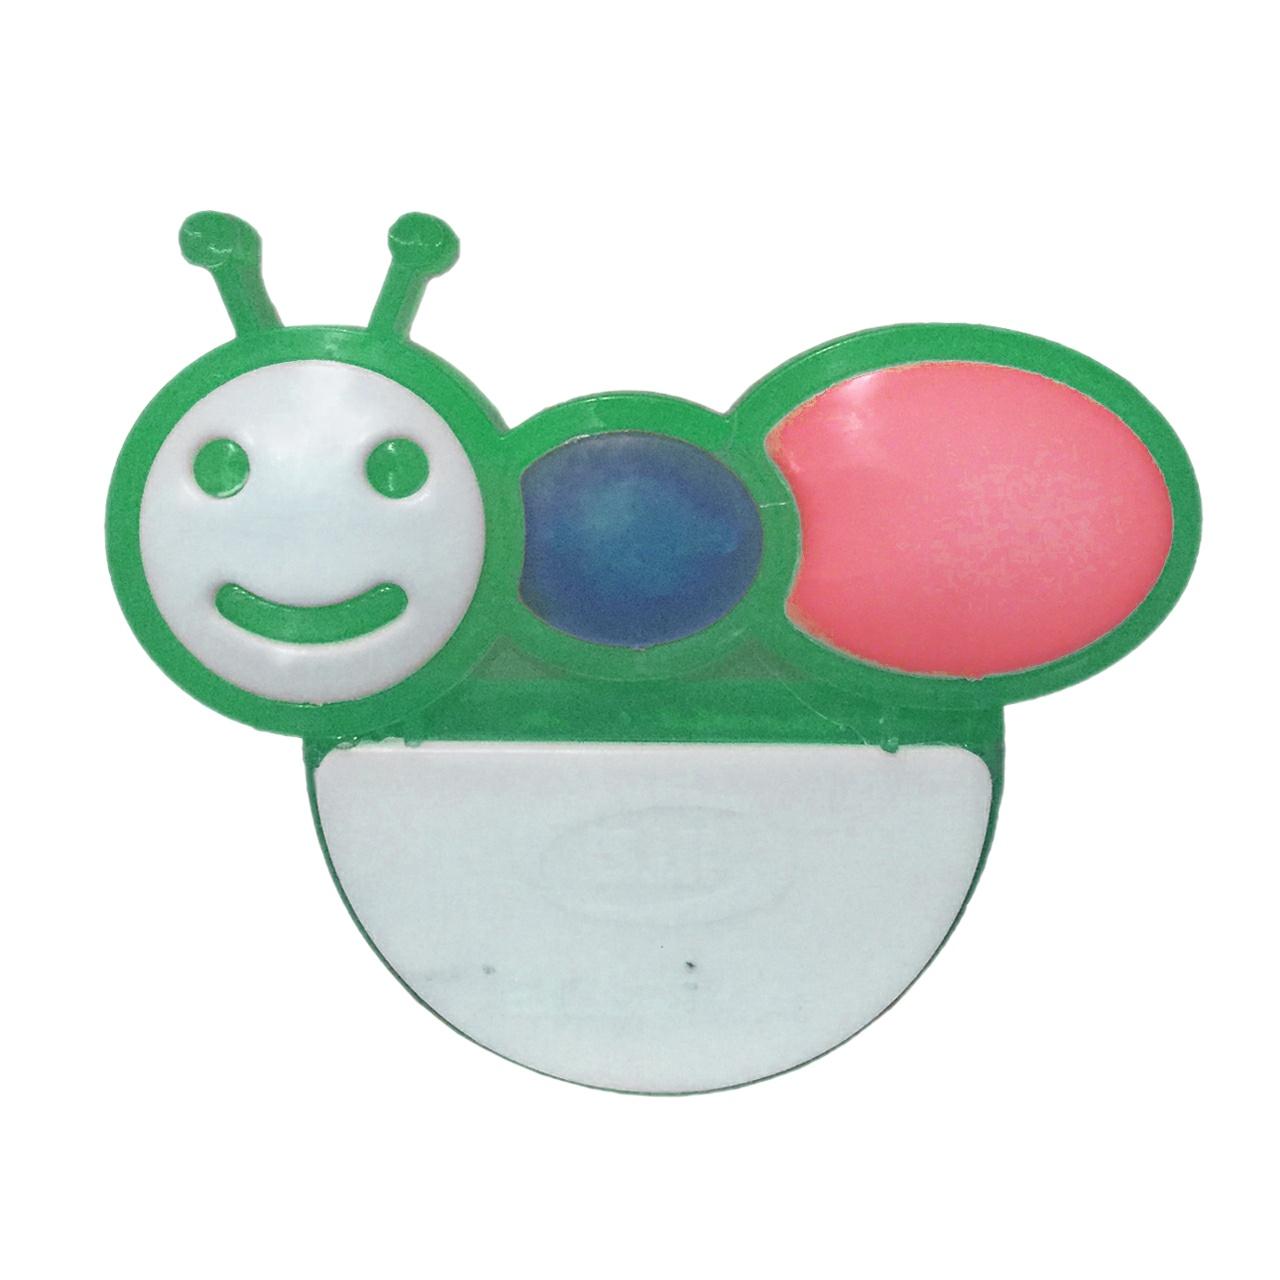 چراغ خواب کودک مدل مورچه